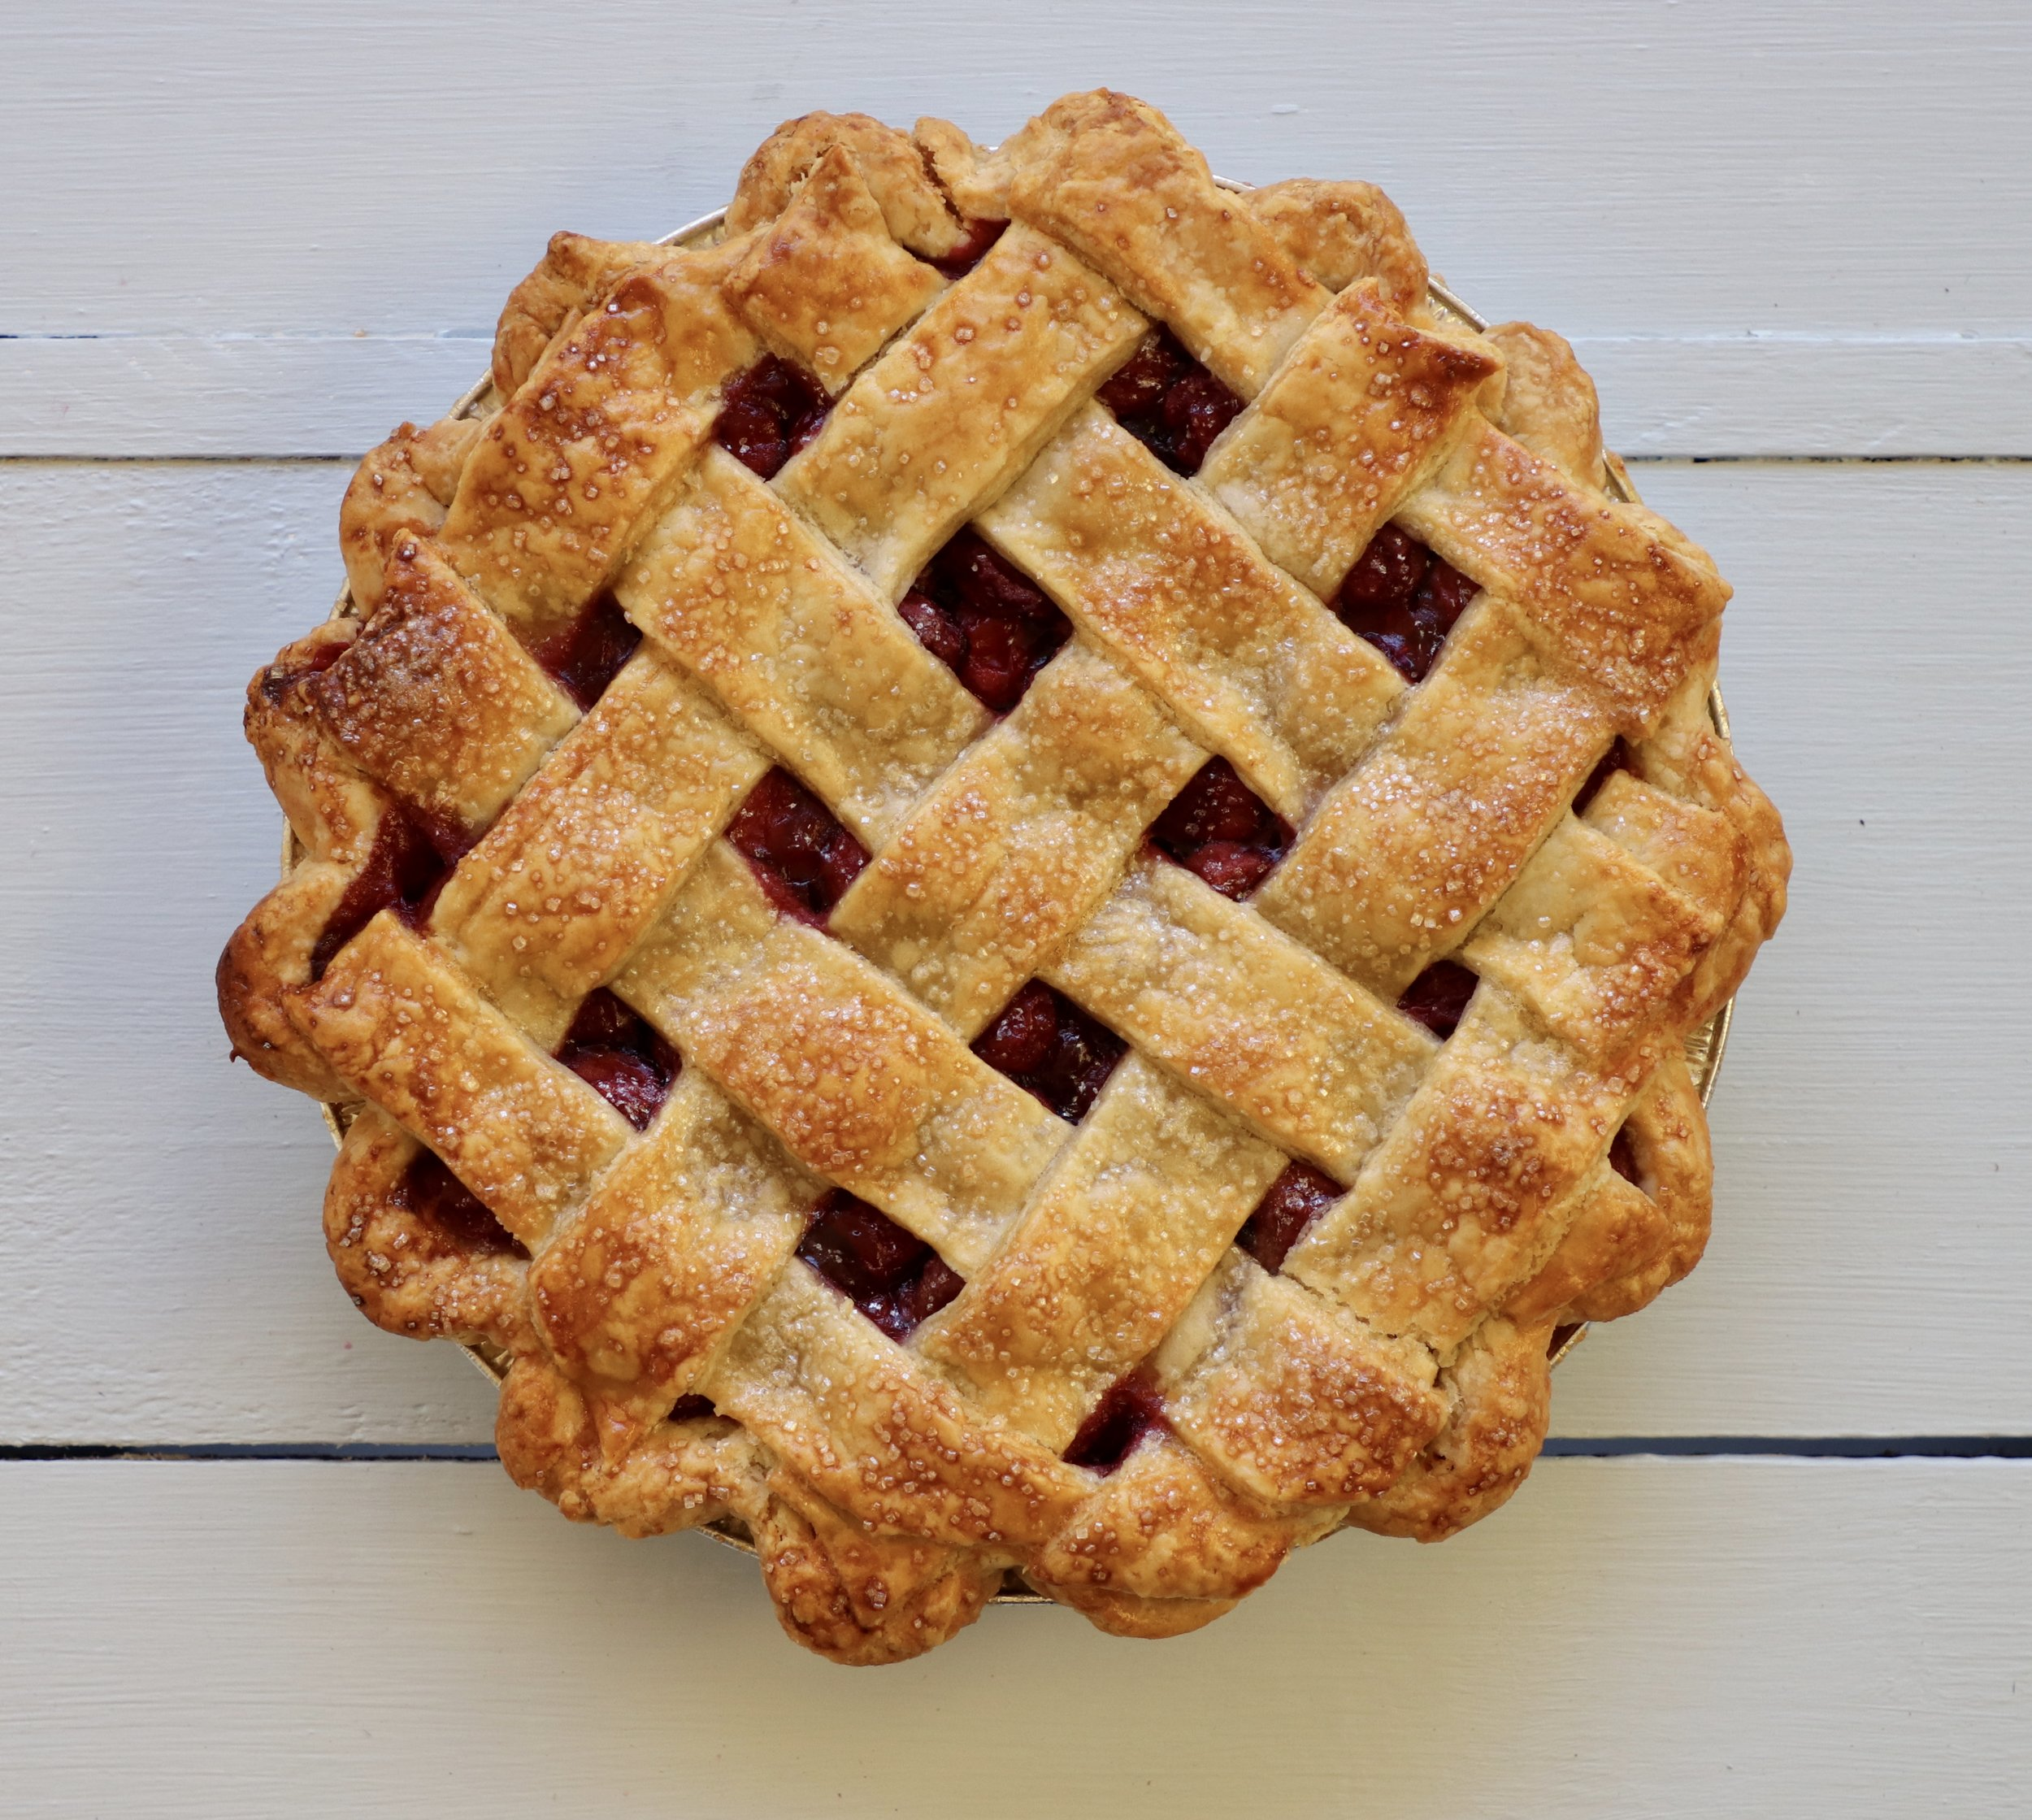 Cherry Pie - $26